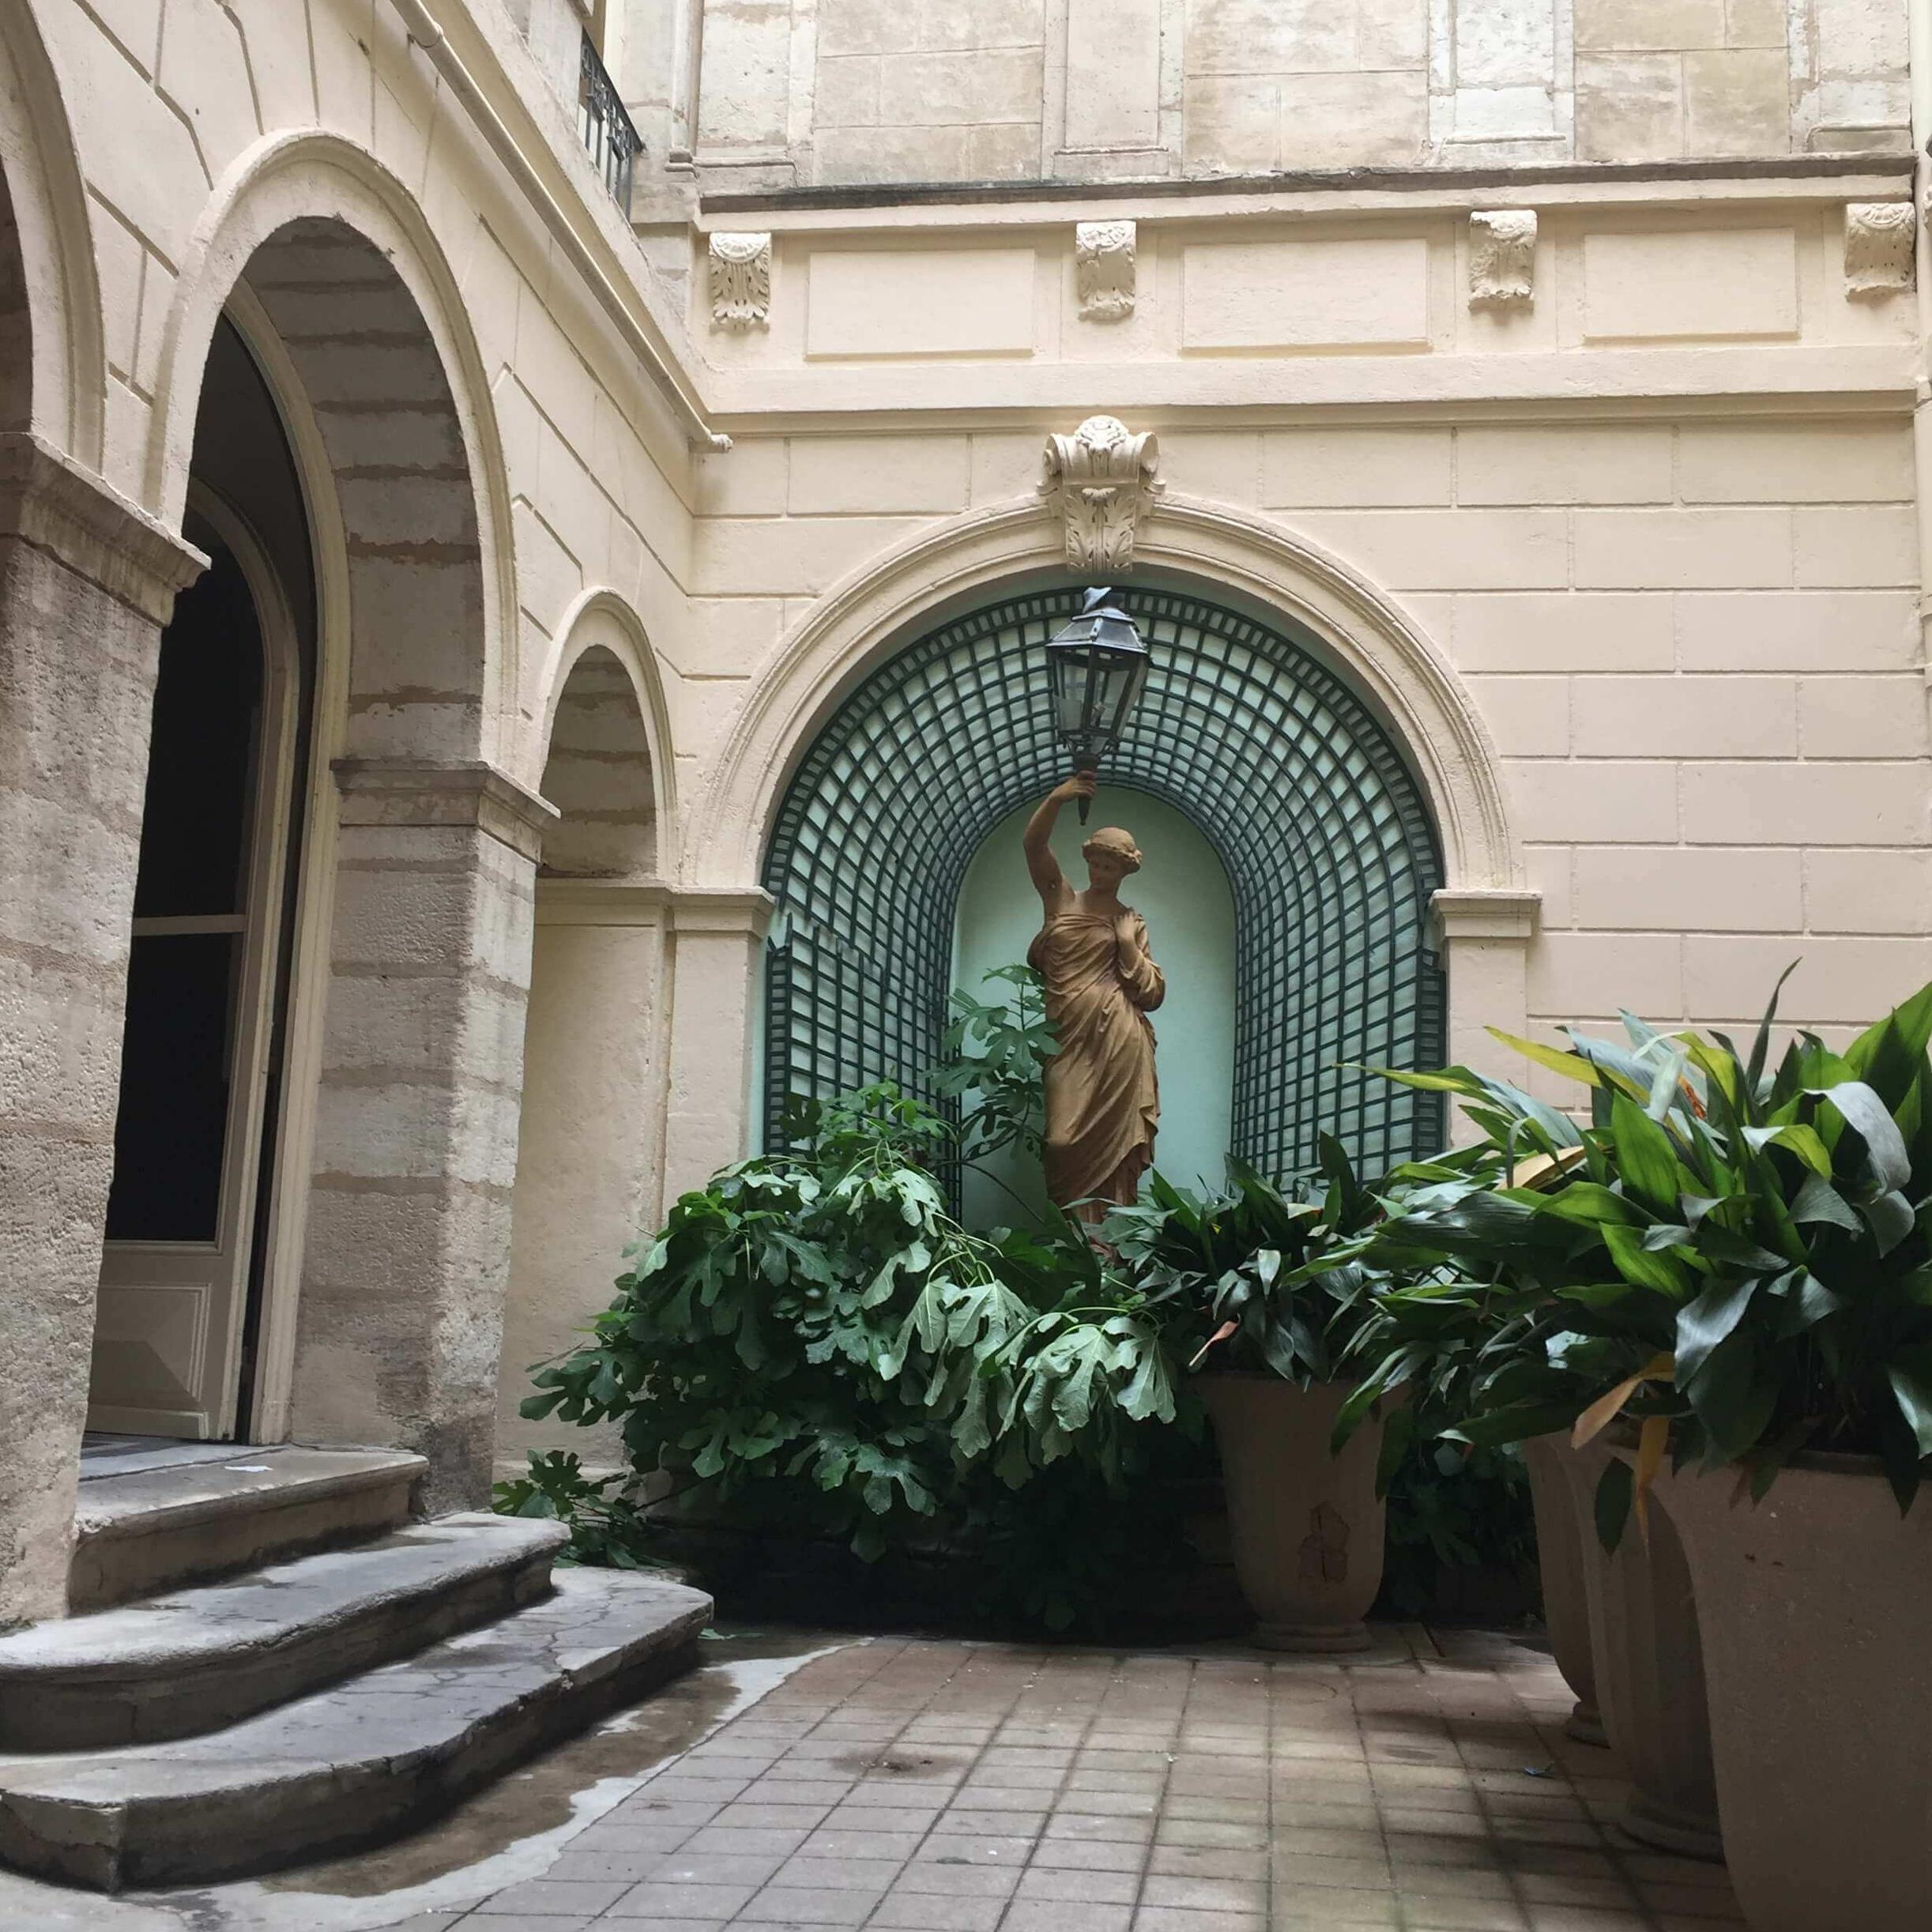 Institut Linguistique Adenet (ILA) in Montpellier, France